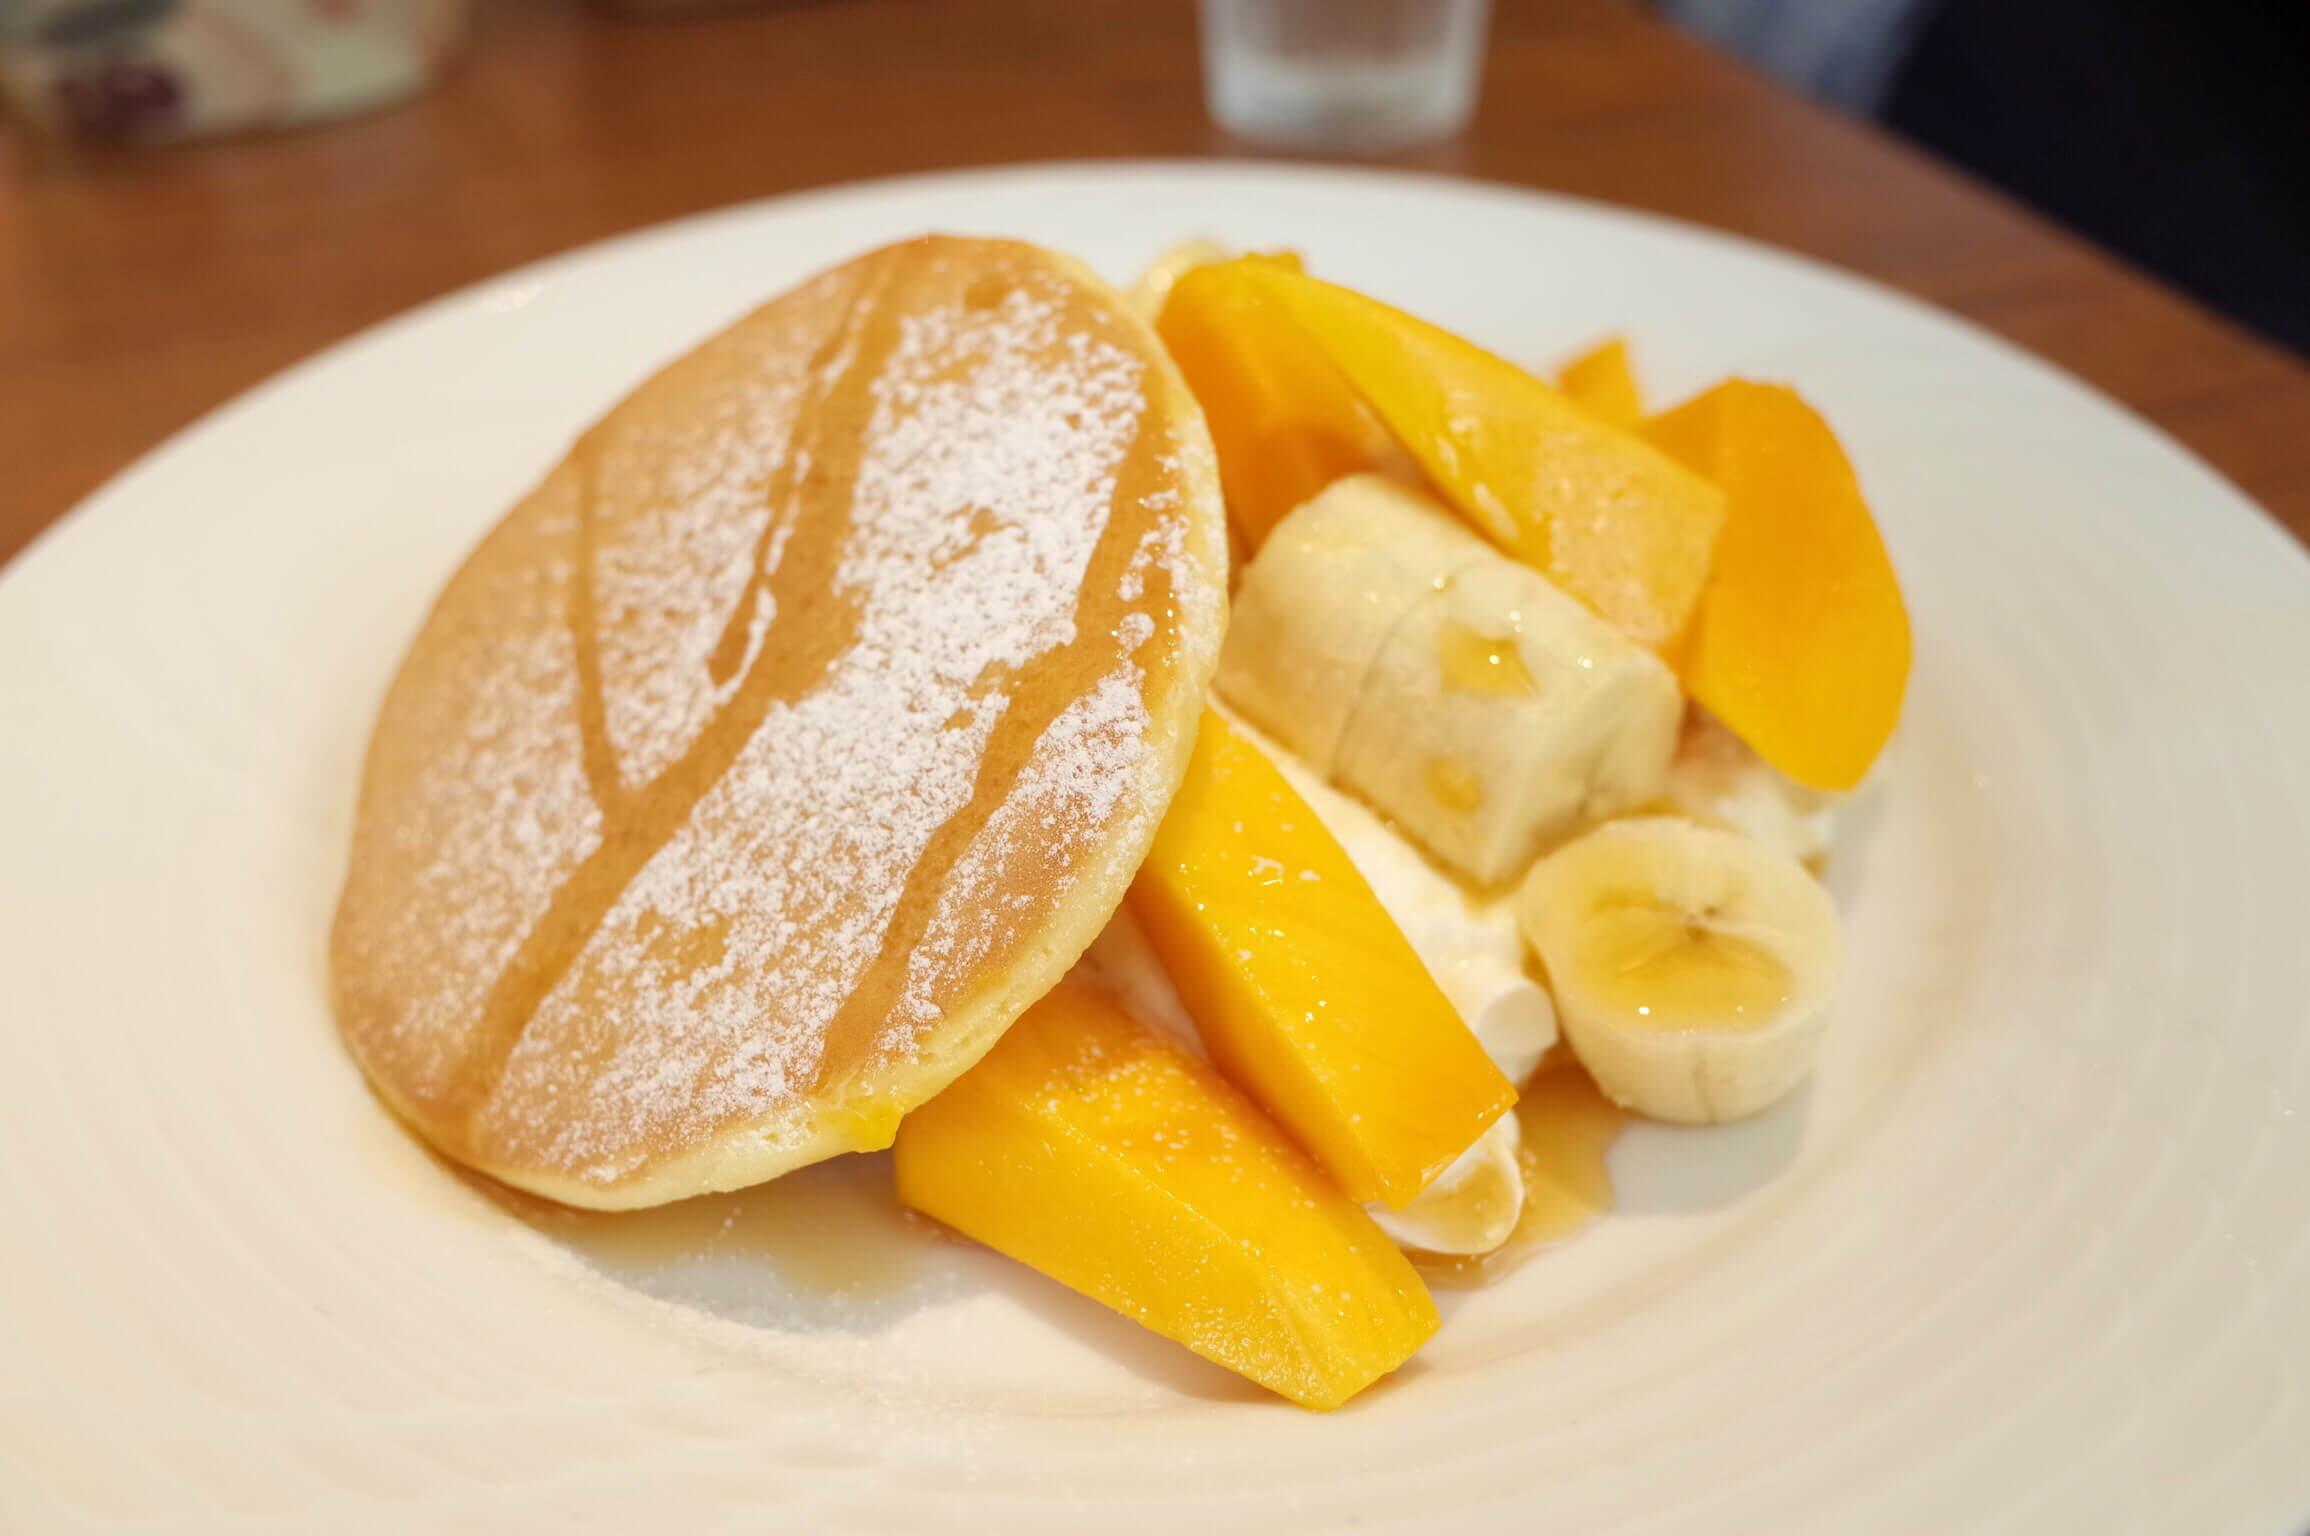 果実園リーベル 目黒 〜 名物のパンケーキはフルーツたっぷり!モーニングセットは朝7時半から食べられる